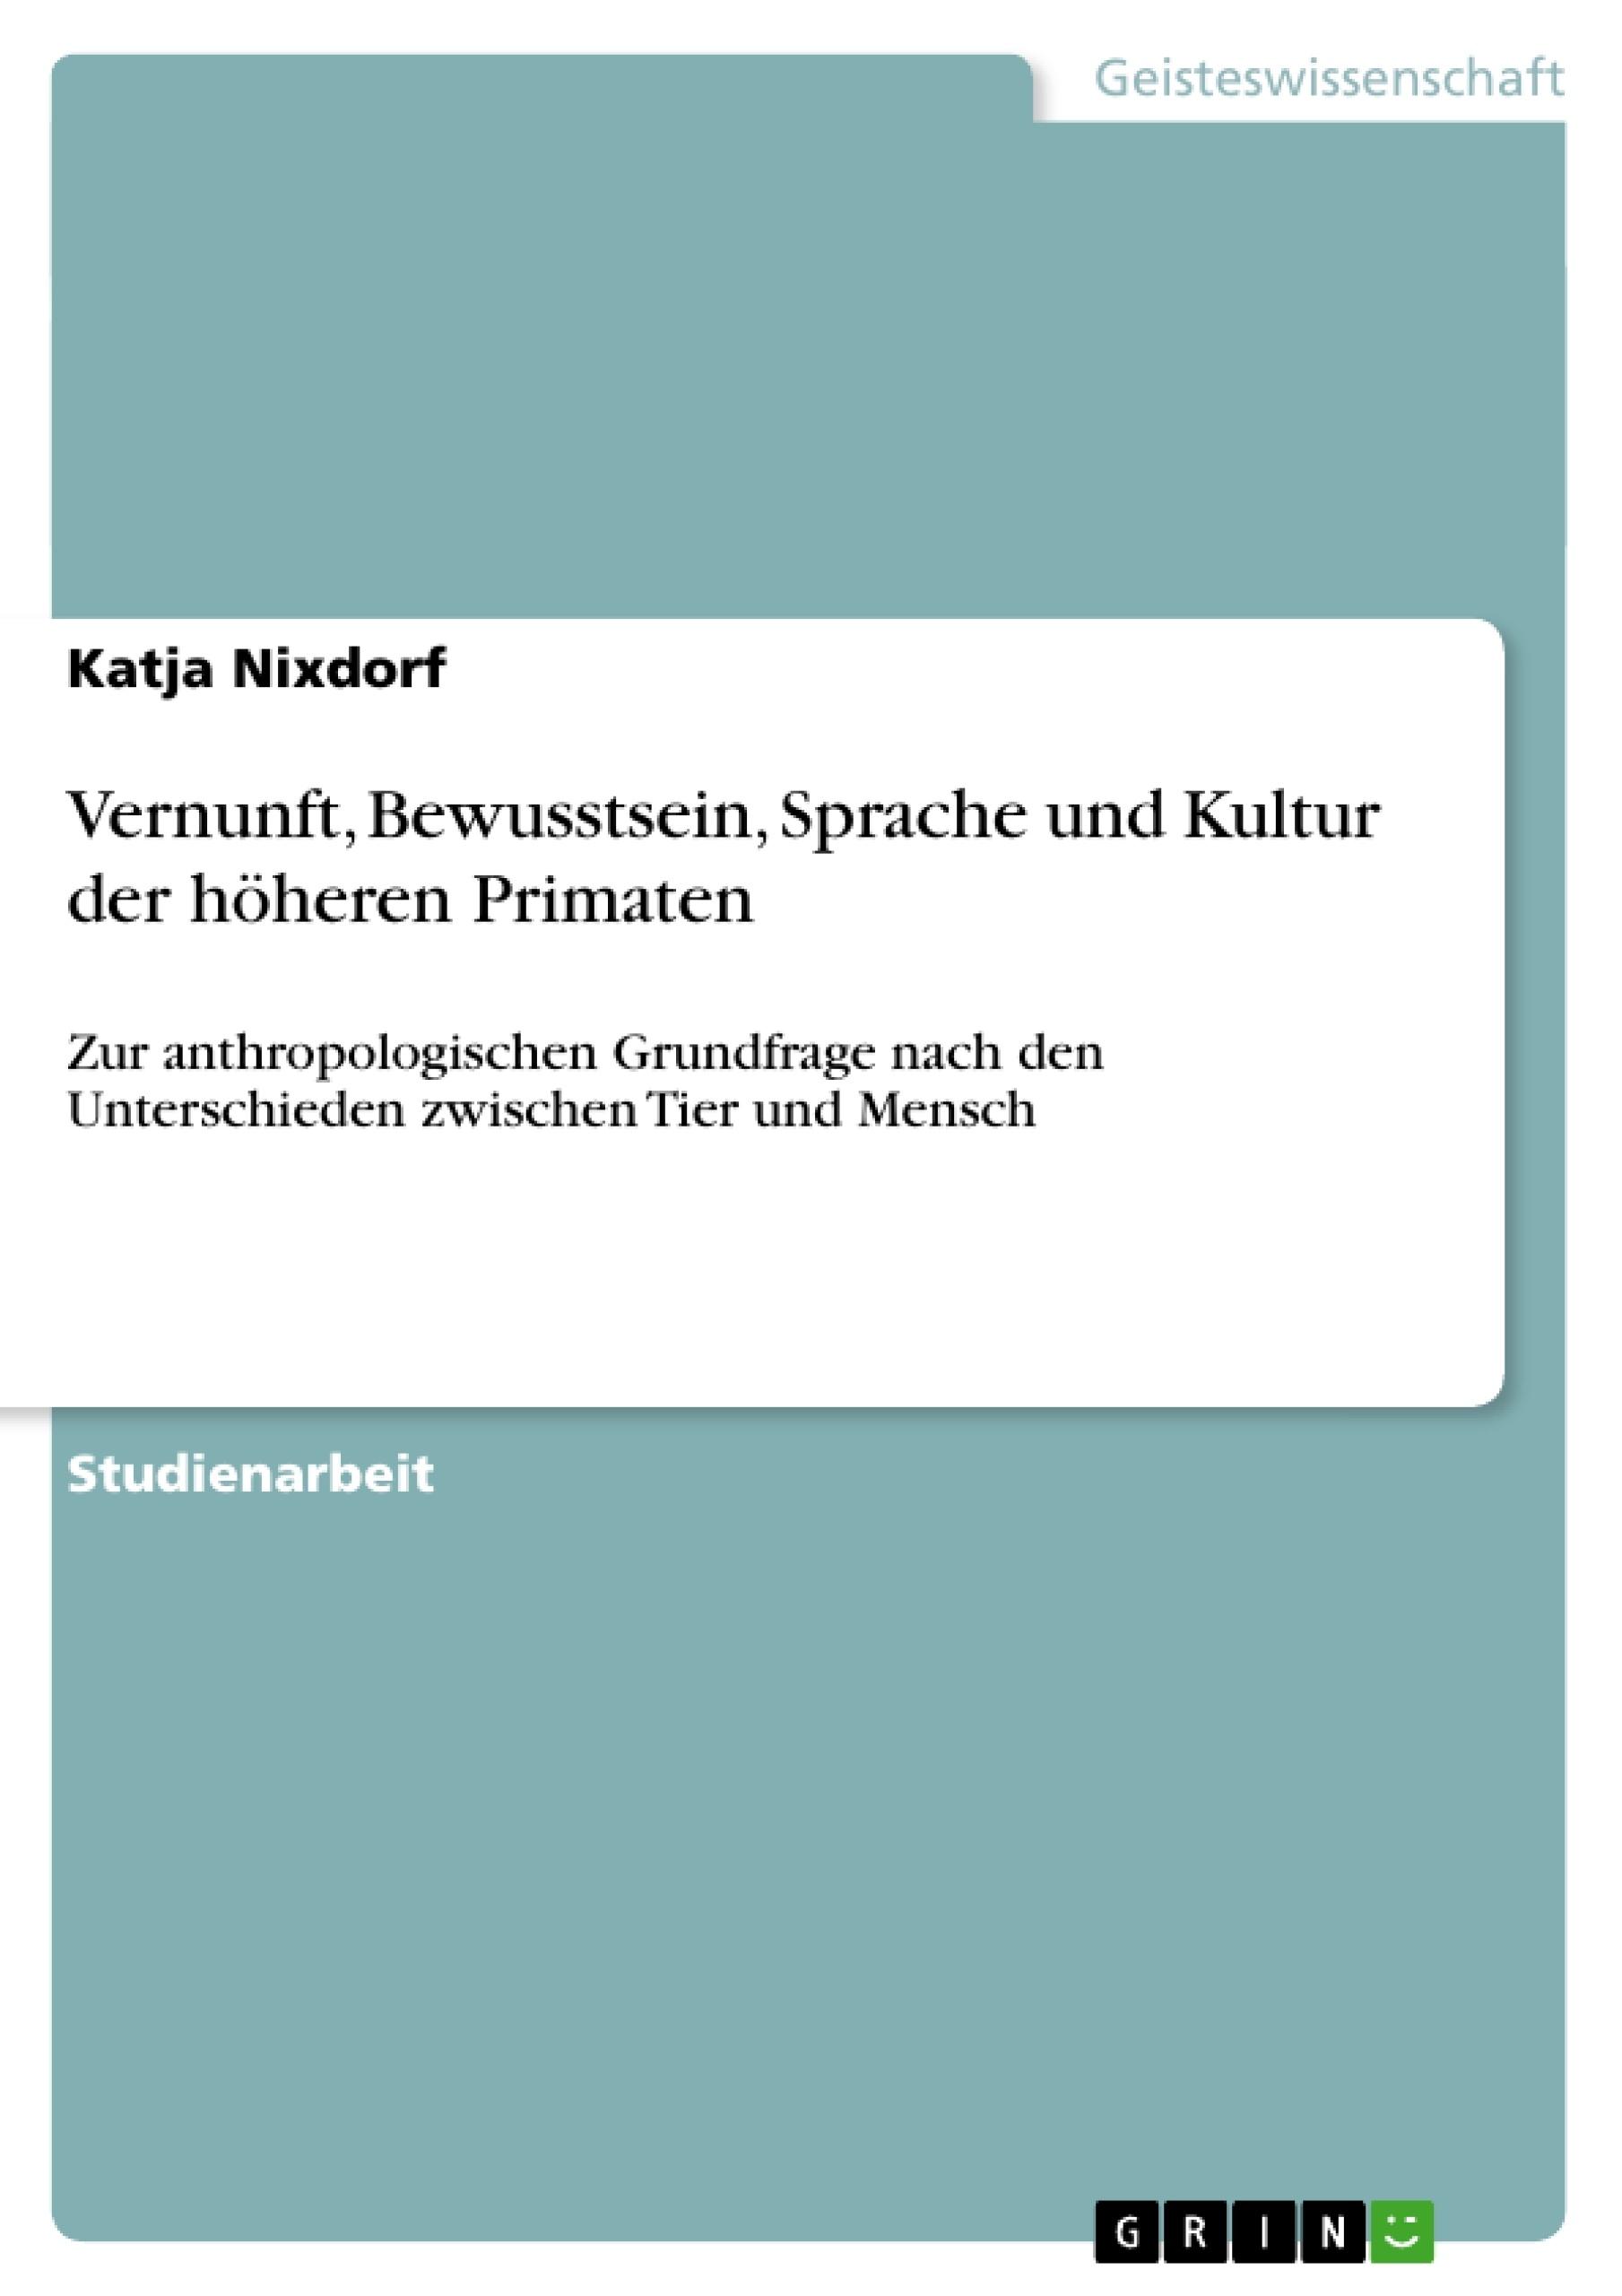 Titel: Vernunft, Bewusstsein, Sprache und Kultur der höheren Primaten